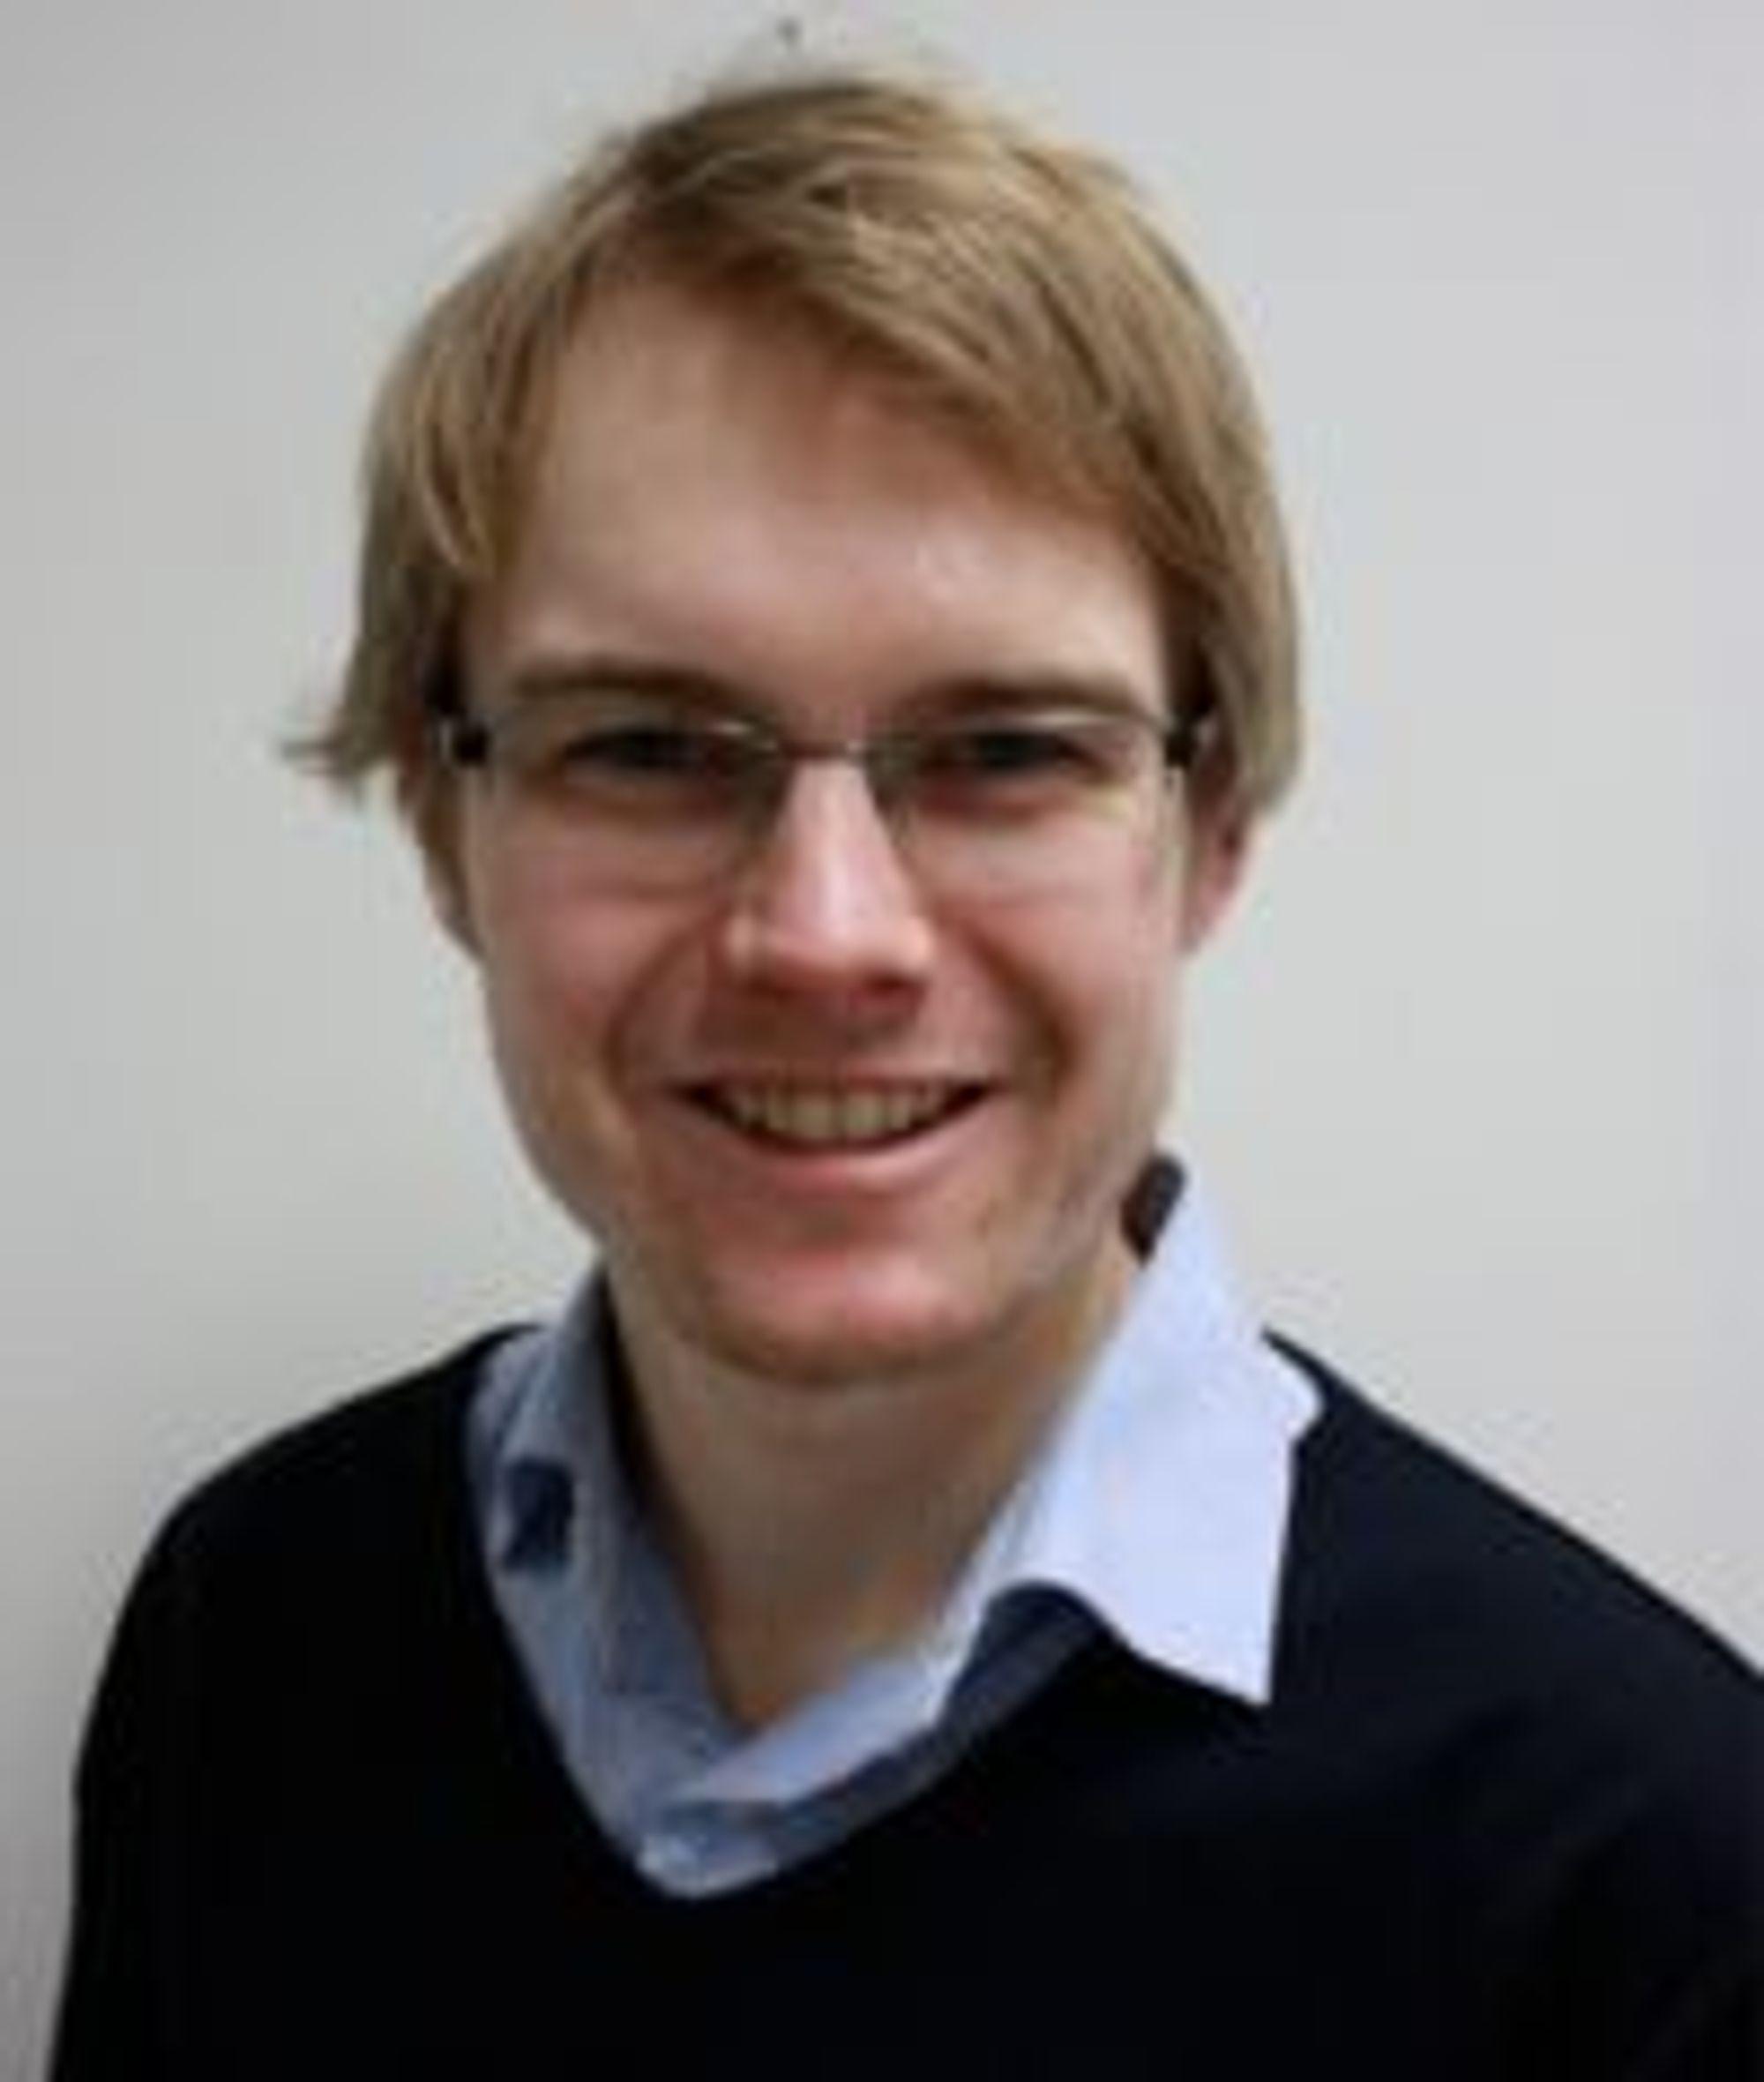 Espen Antonsen